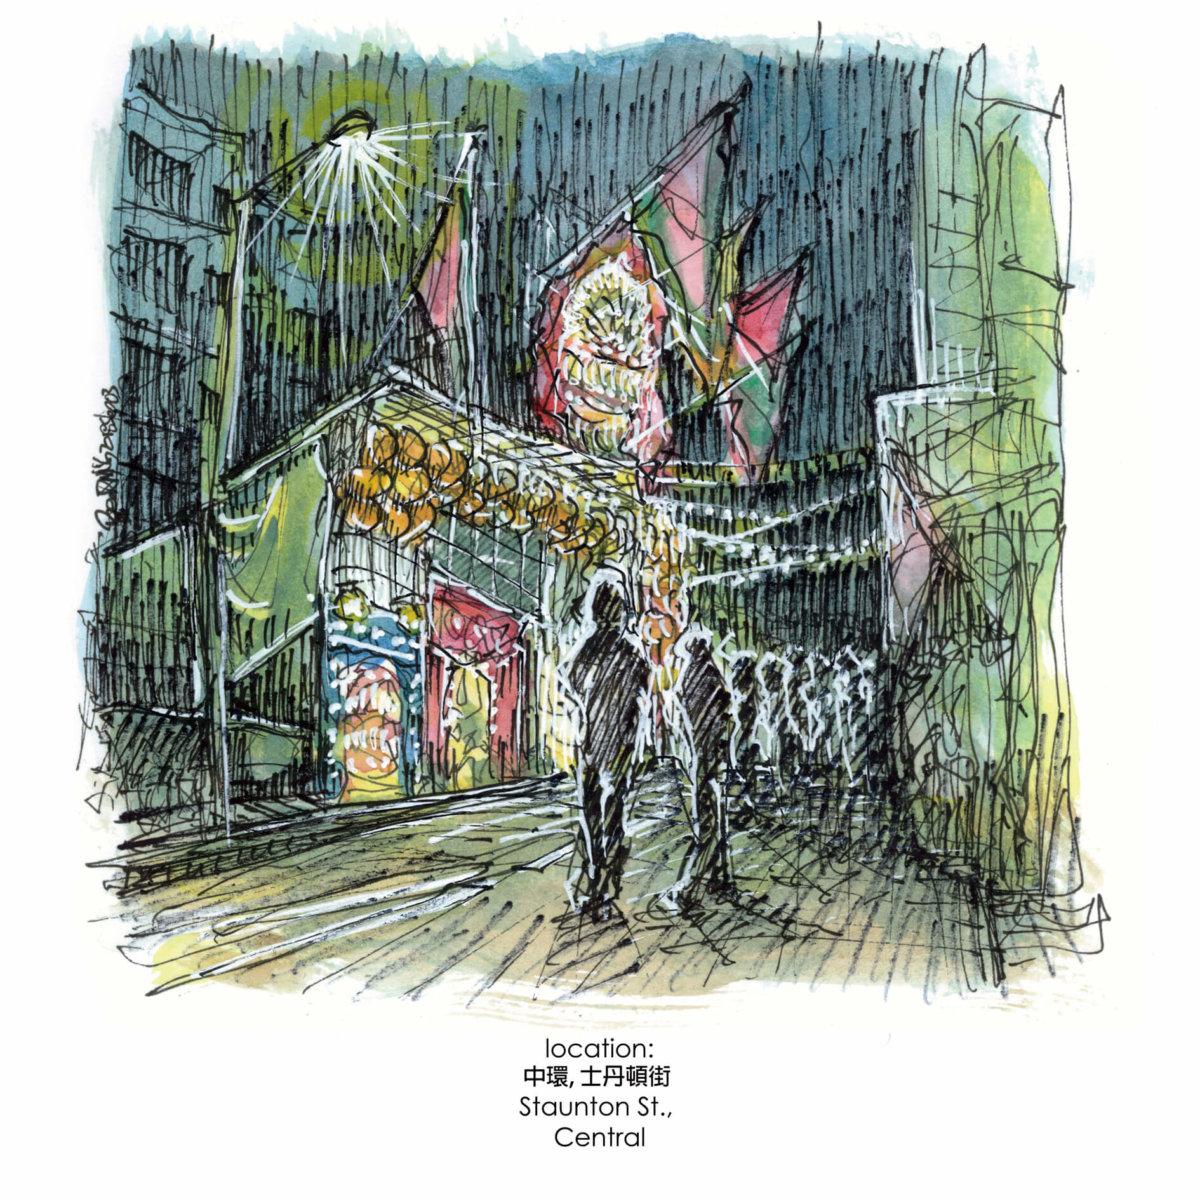 速寫師感受:還記第一次見到卅間盂蘭勝會場面的震撼,狹窄街上堆滿祭品與花牌,顯得分外熱鬧。2018年9月3日@上環士丹頓街。(插畫:彭啤)